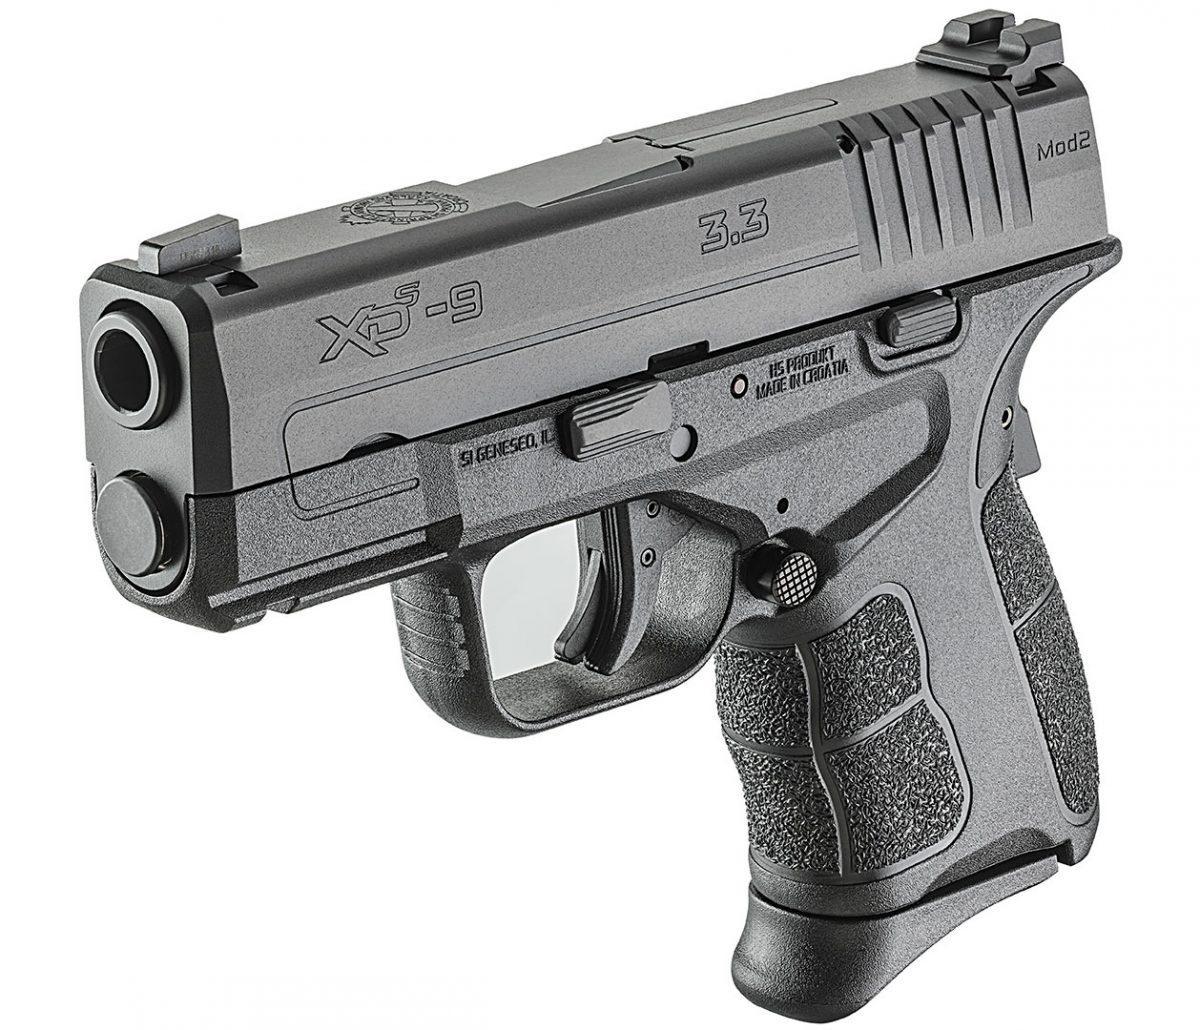 XD-S_mod.2_in-9mm_G9339BT_LA